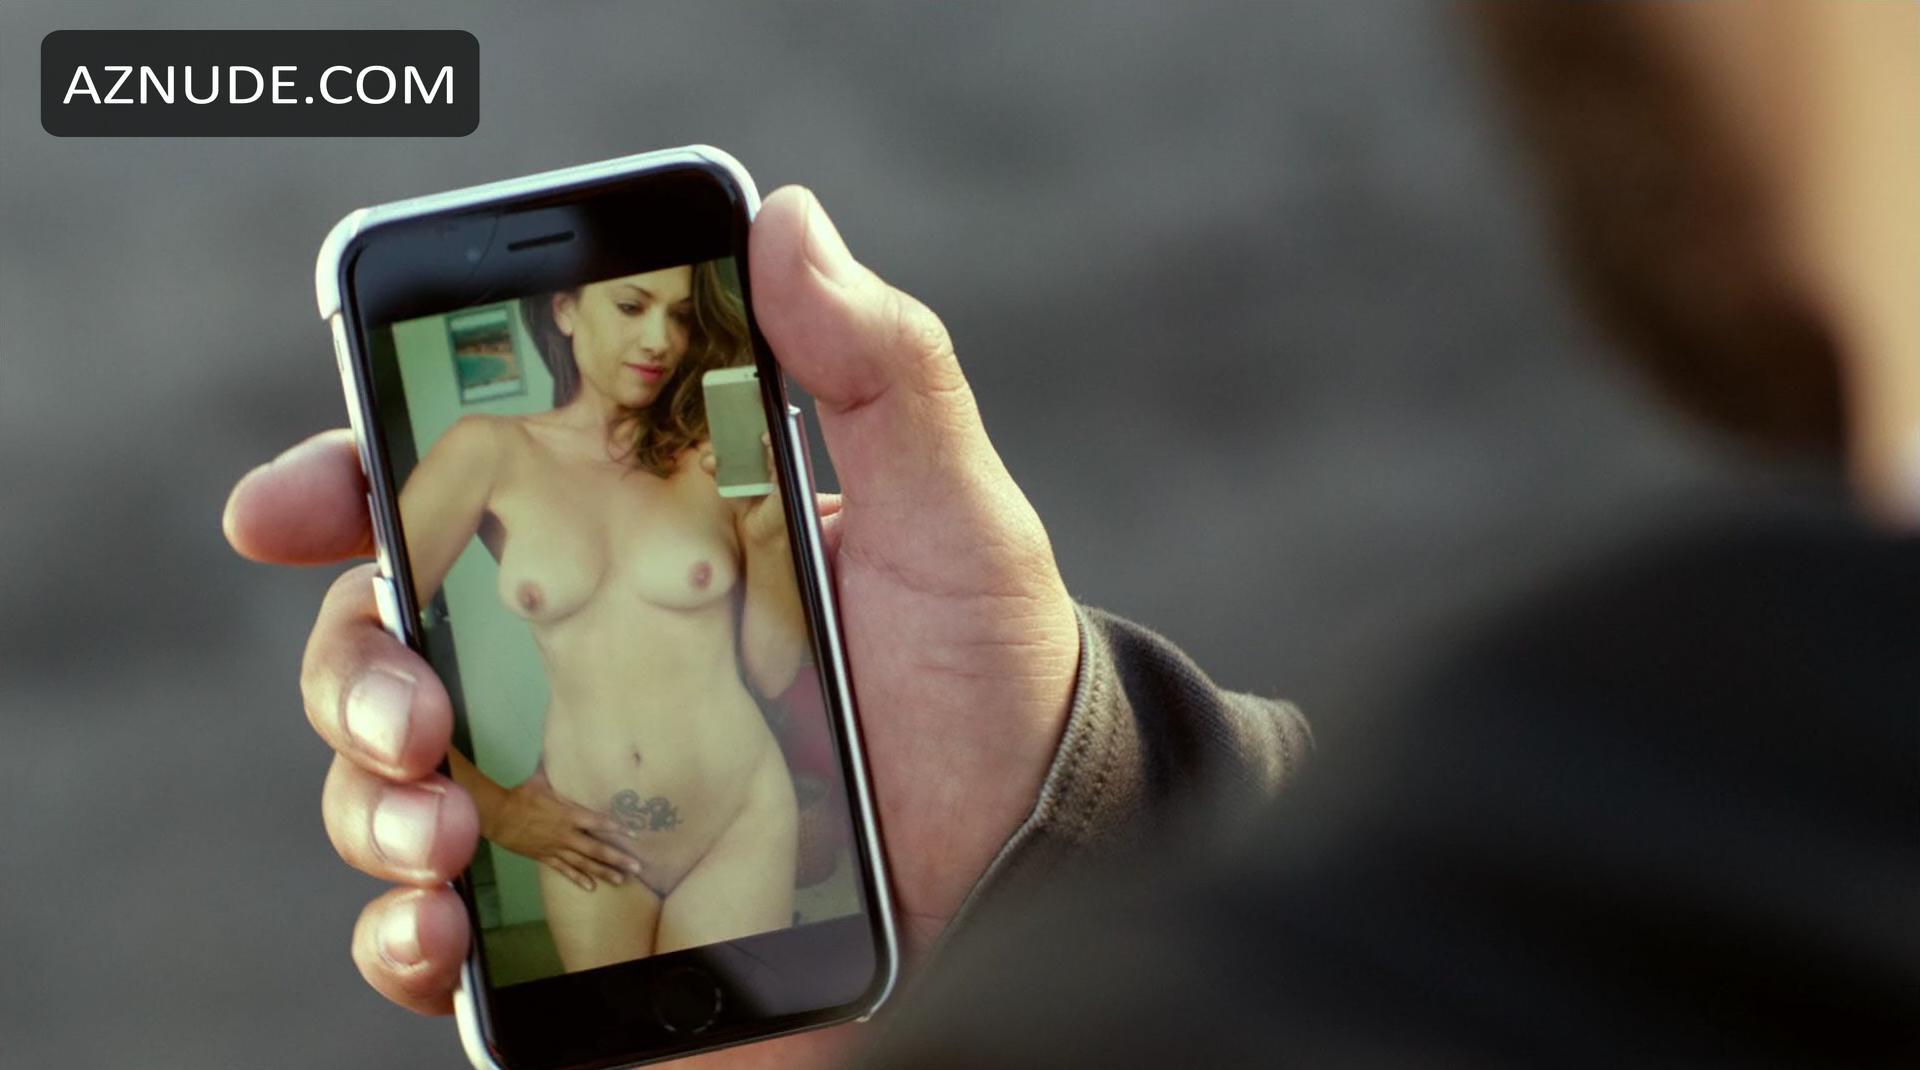 jane kaczmarek porn nude